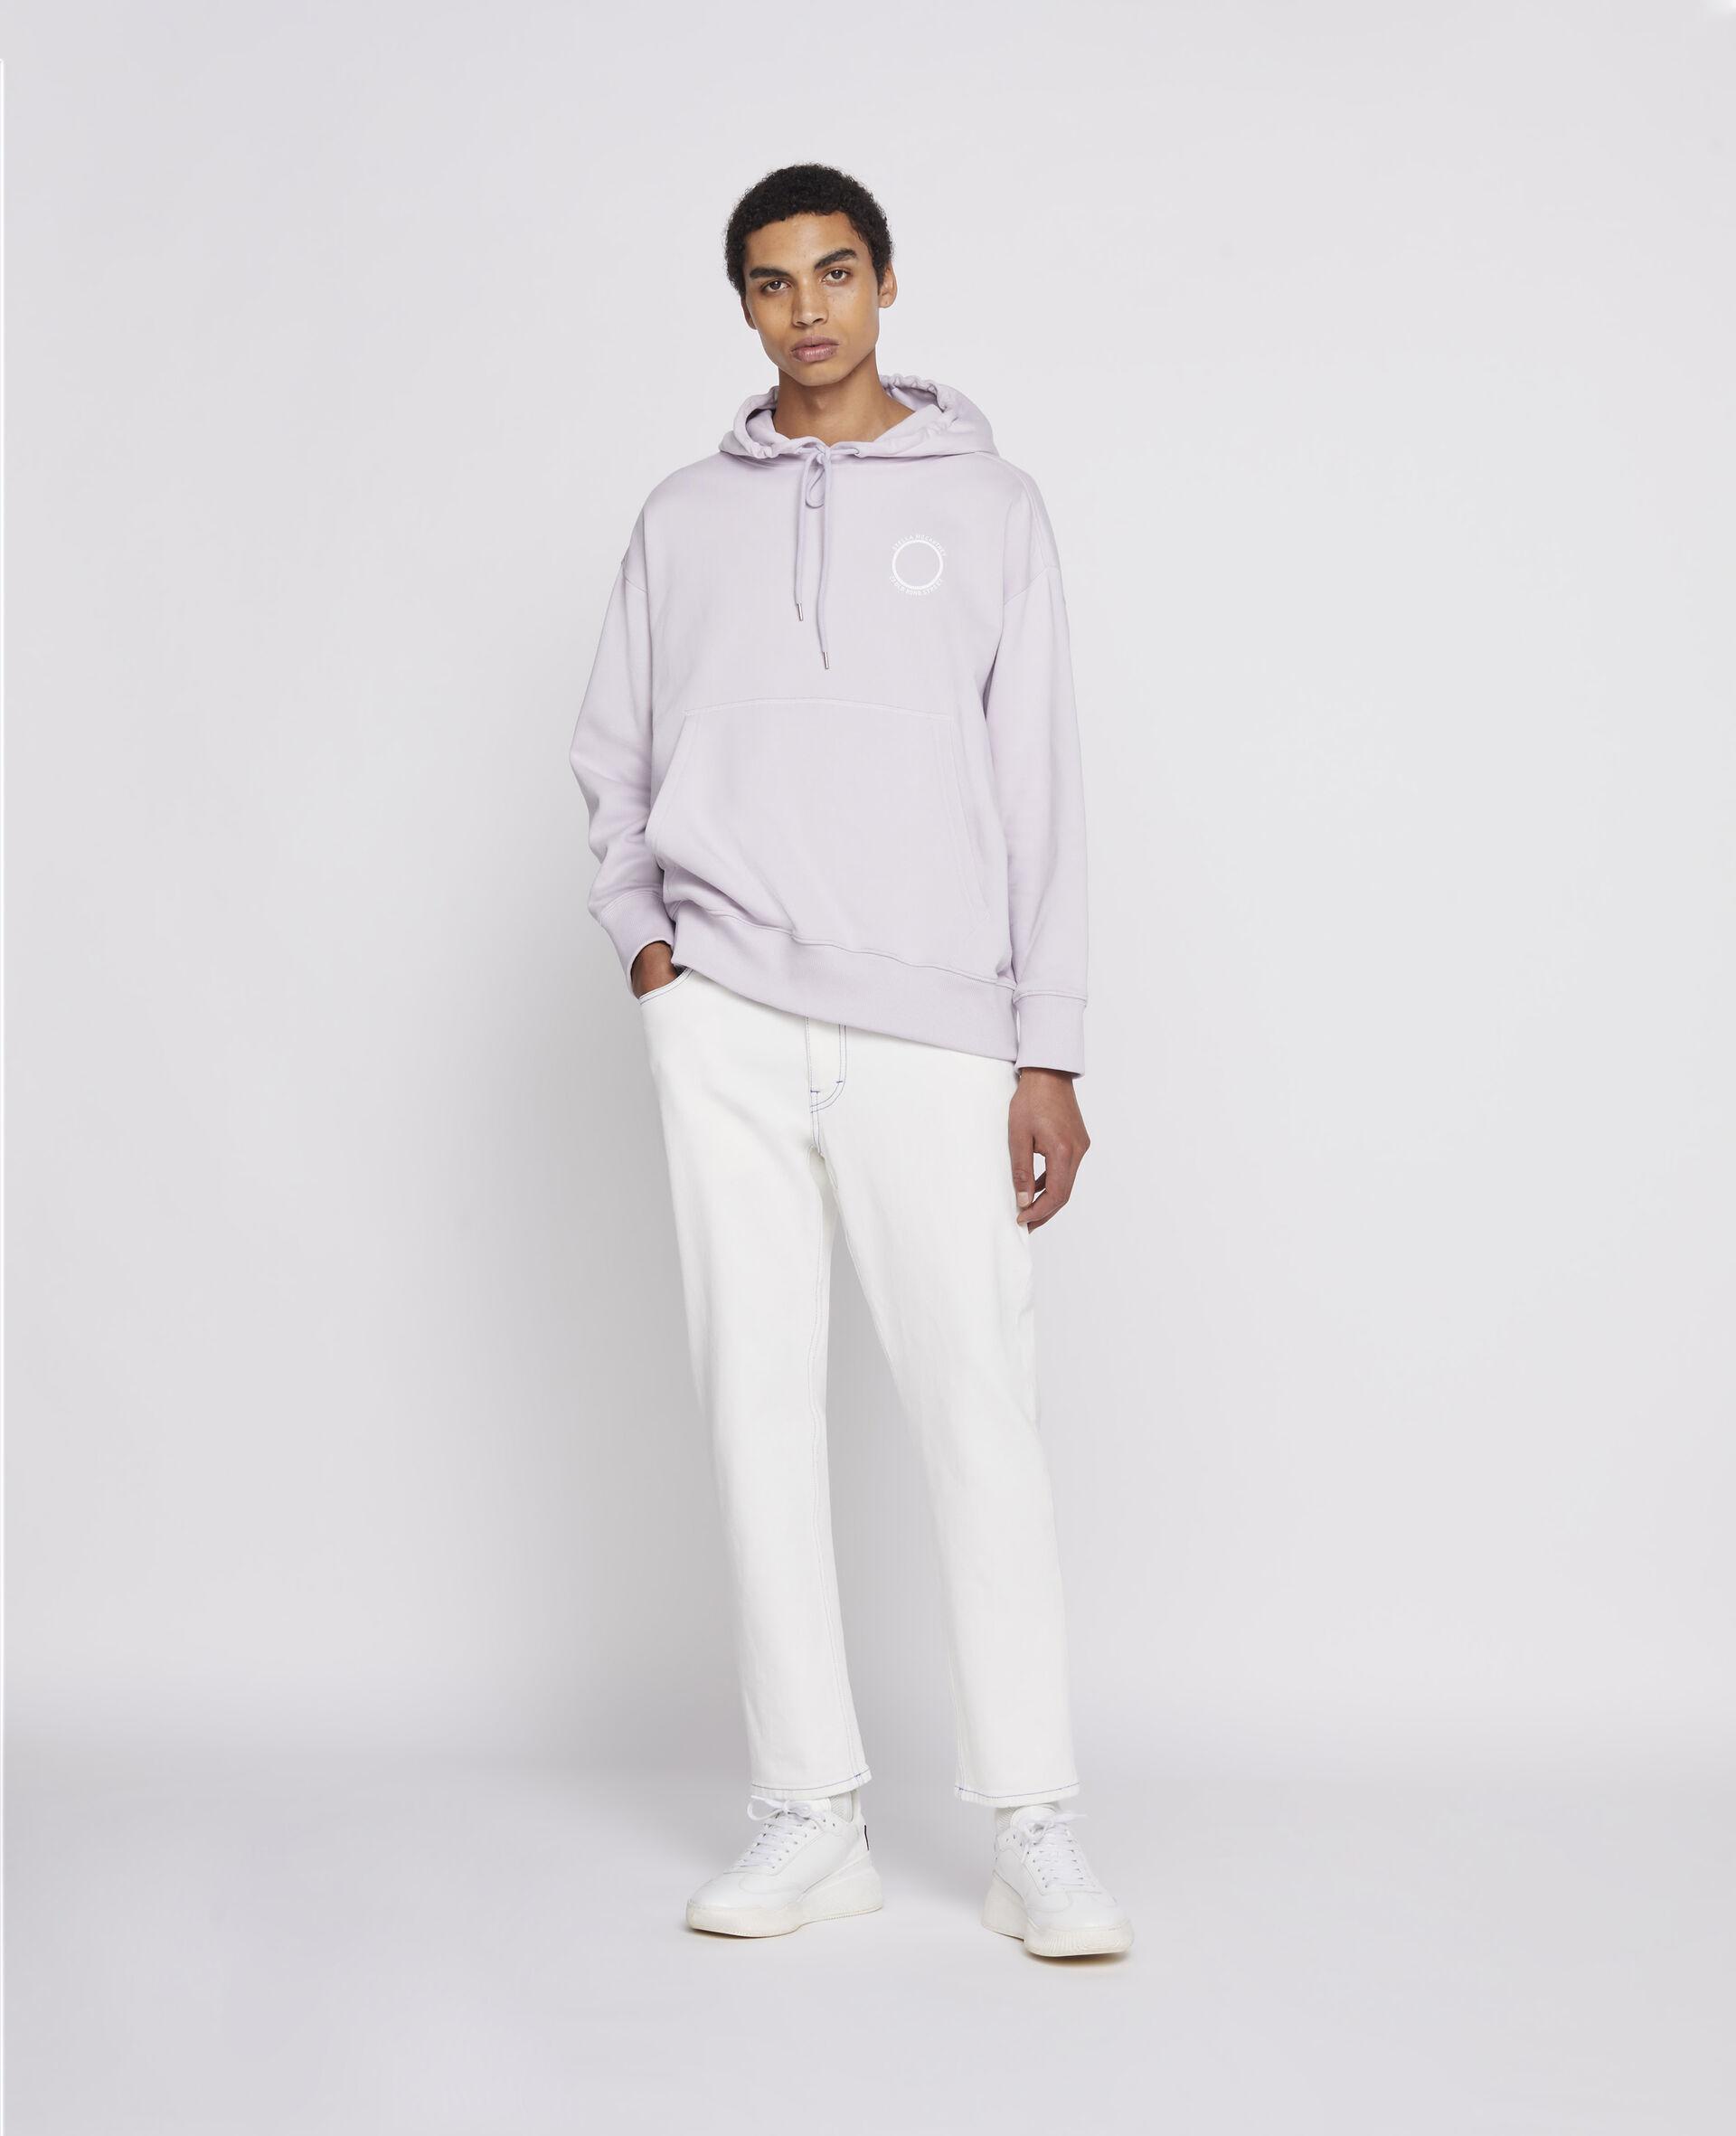 Sweat-shirt à capuche 23 OBS en coton biologique-Marron-large image number 3